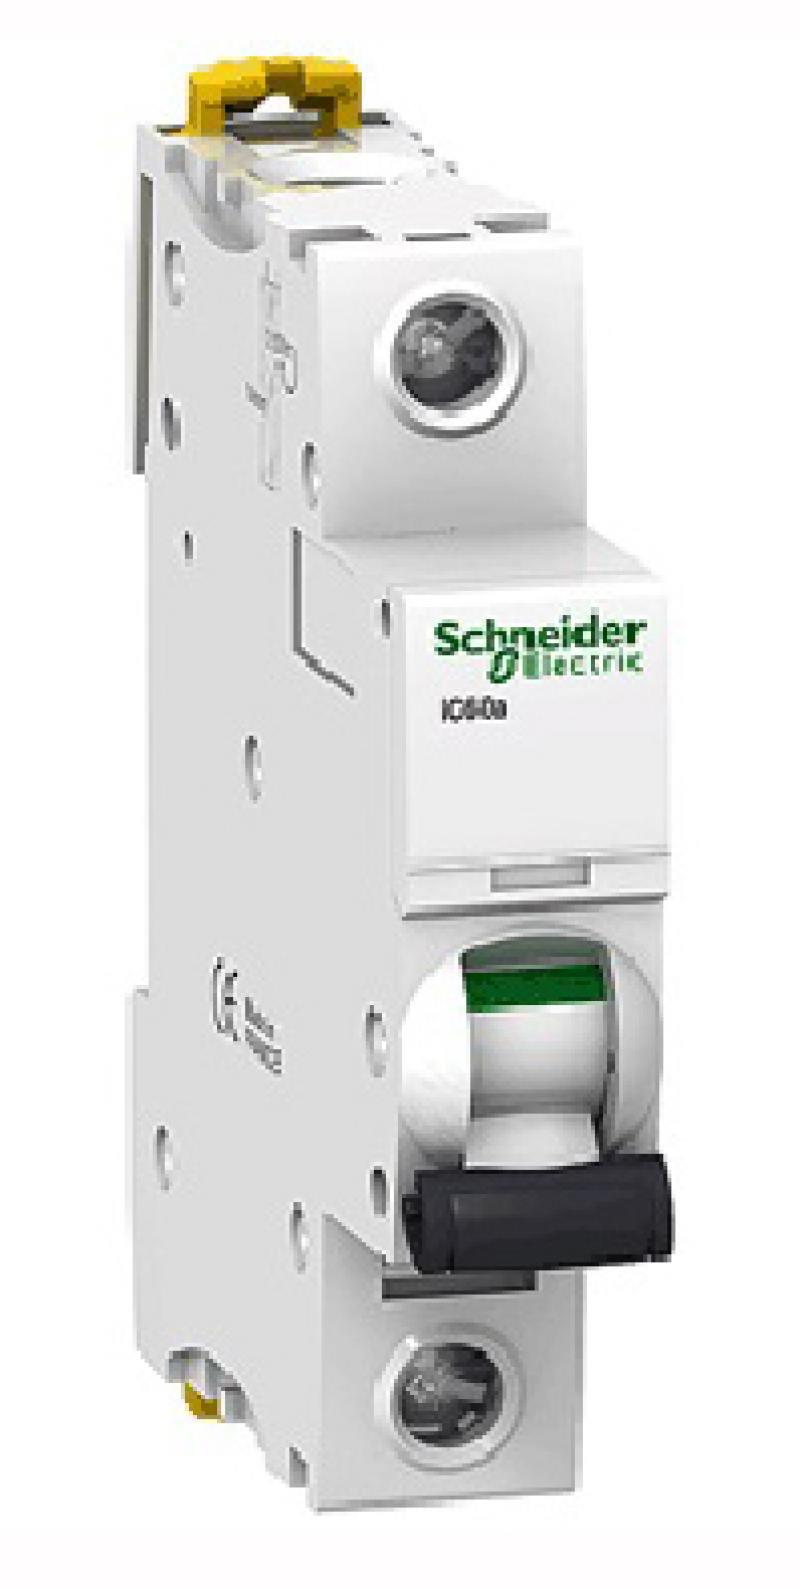 Автоматический выключатель Schneider Electric iC60N 1П 25A C A9F79125 автоматический выключатель schneider electric ic60n 1п 32a c a9f79132